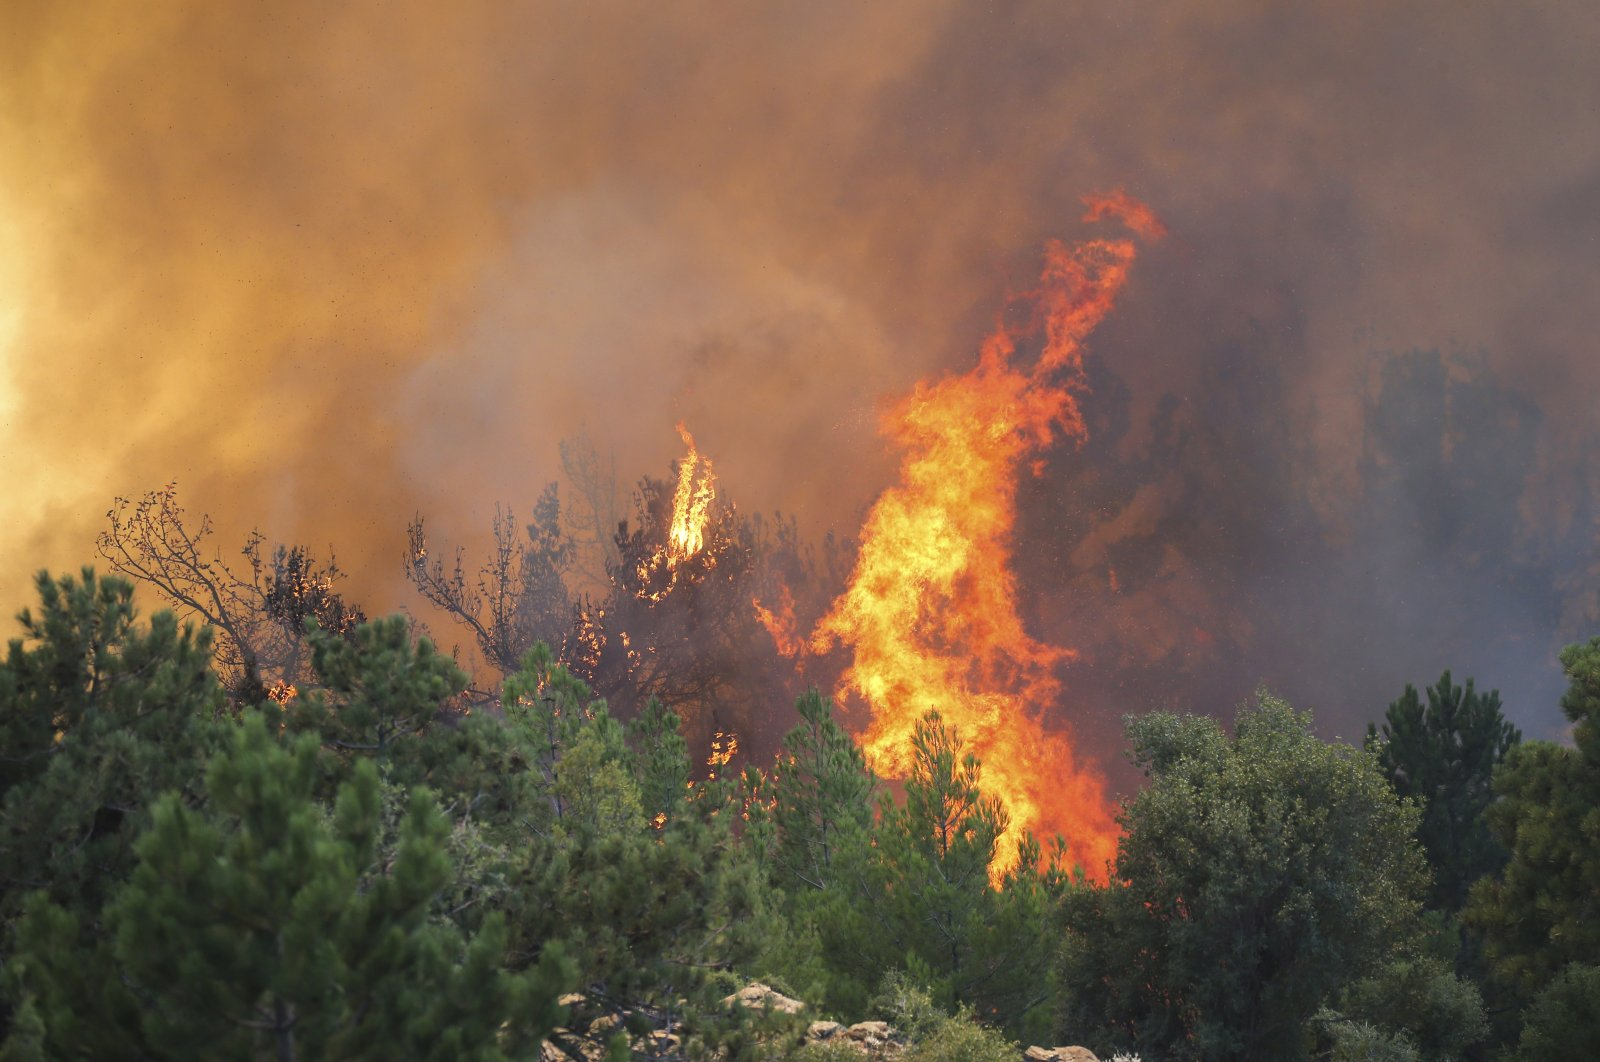 View of a wildfire in Köyceğiz district, in Muğla, southwestern Turkey, Aug. 9, 2021. (AP PHOTO)